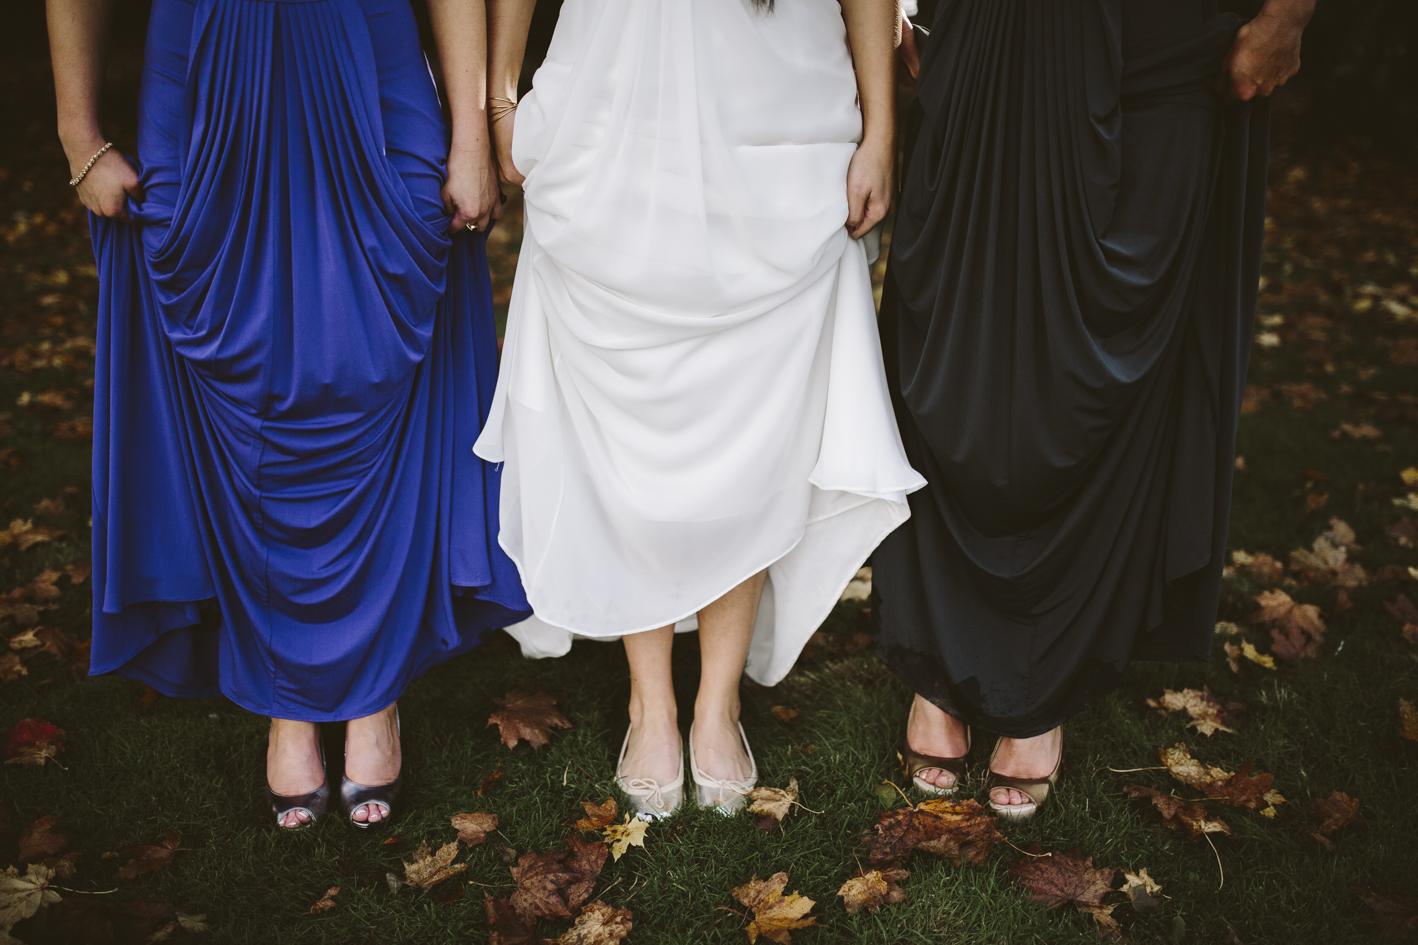 Wedding photographer Ireland Graciela Vilagudin 835.jpg